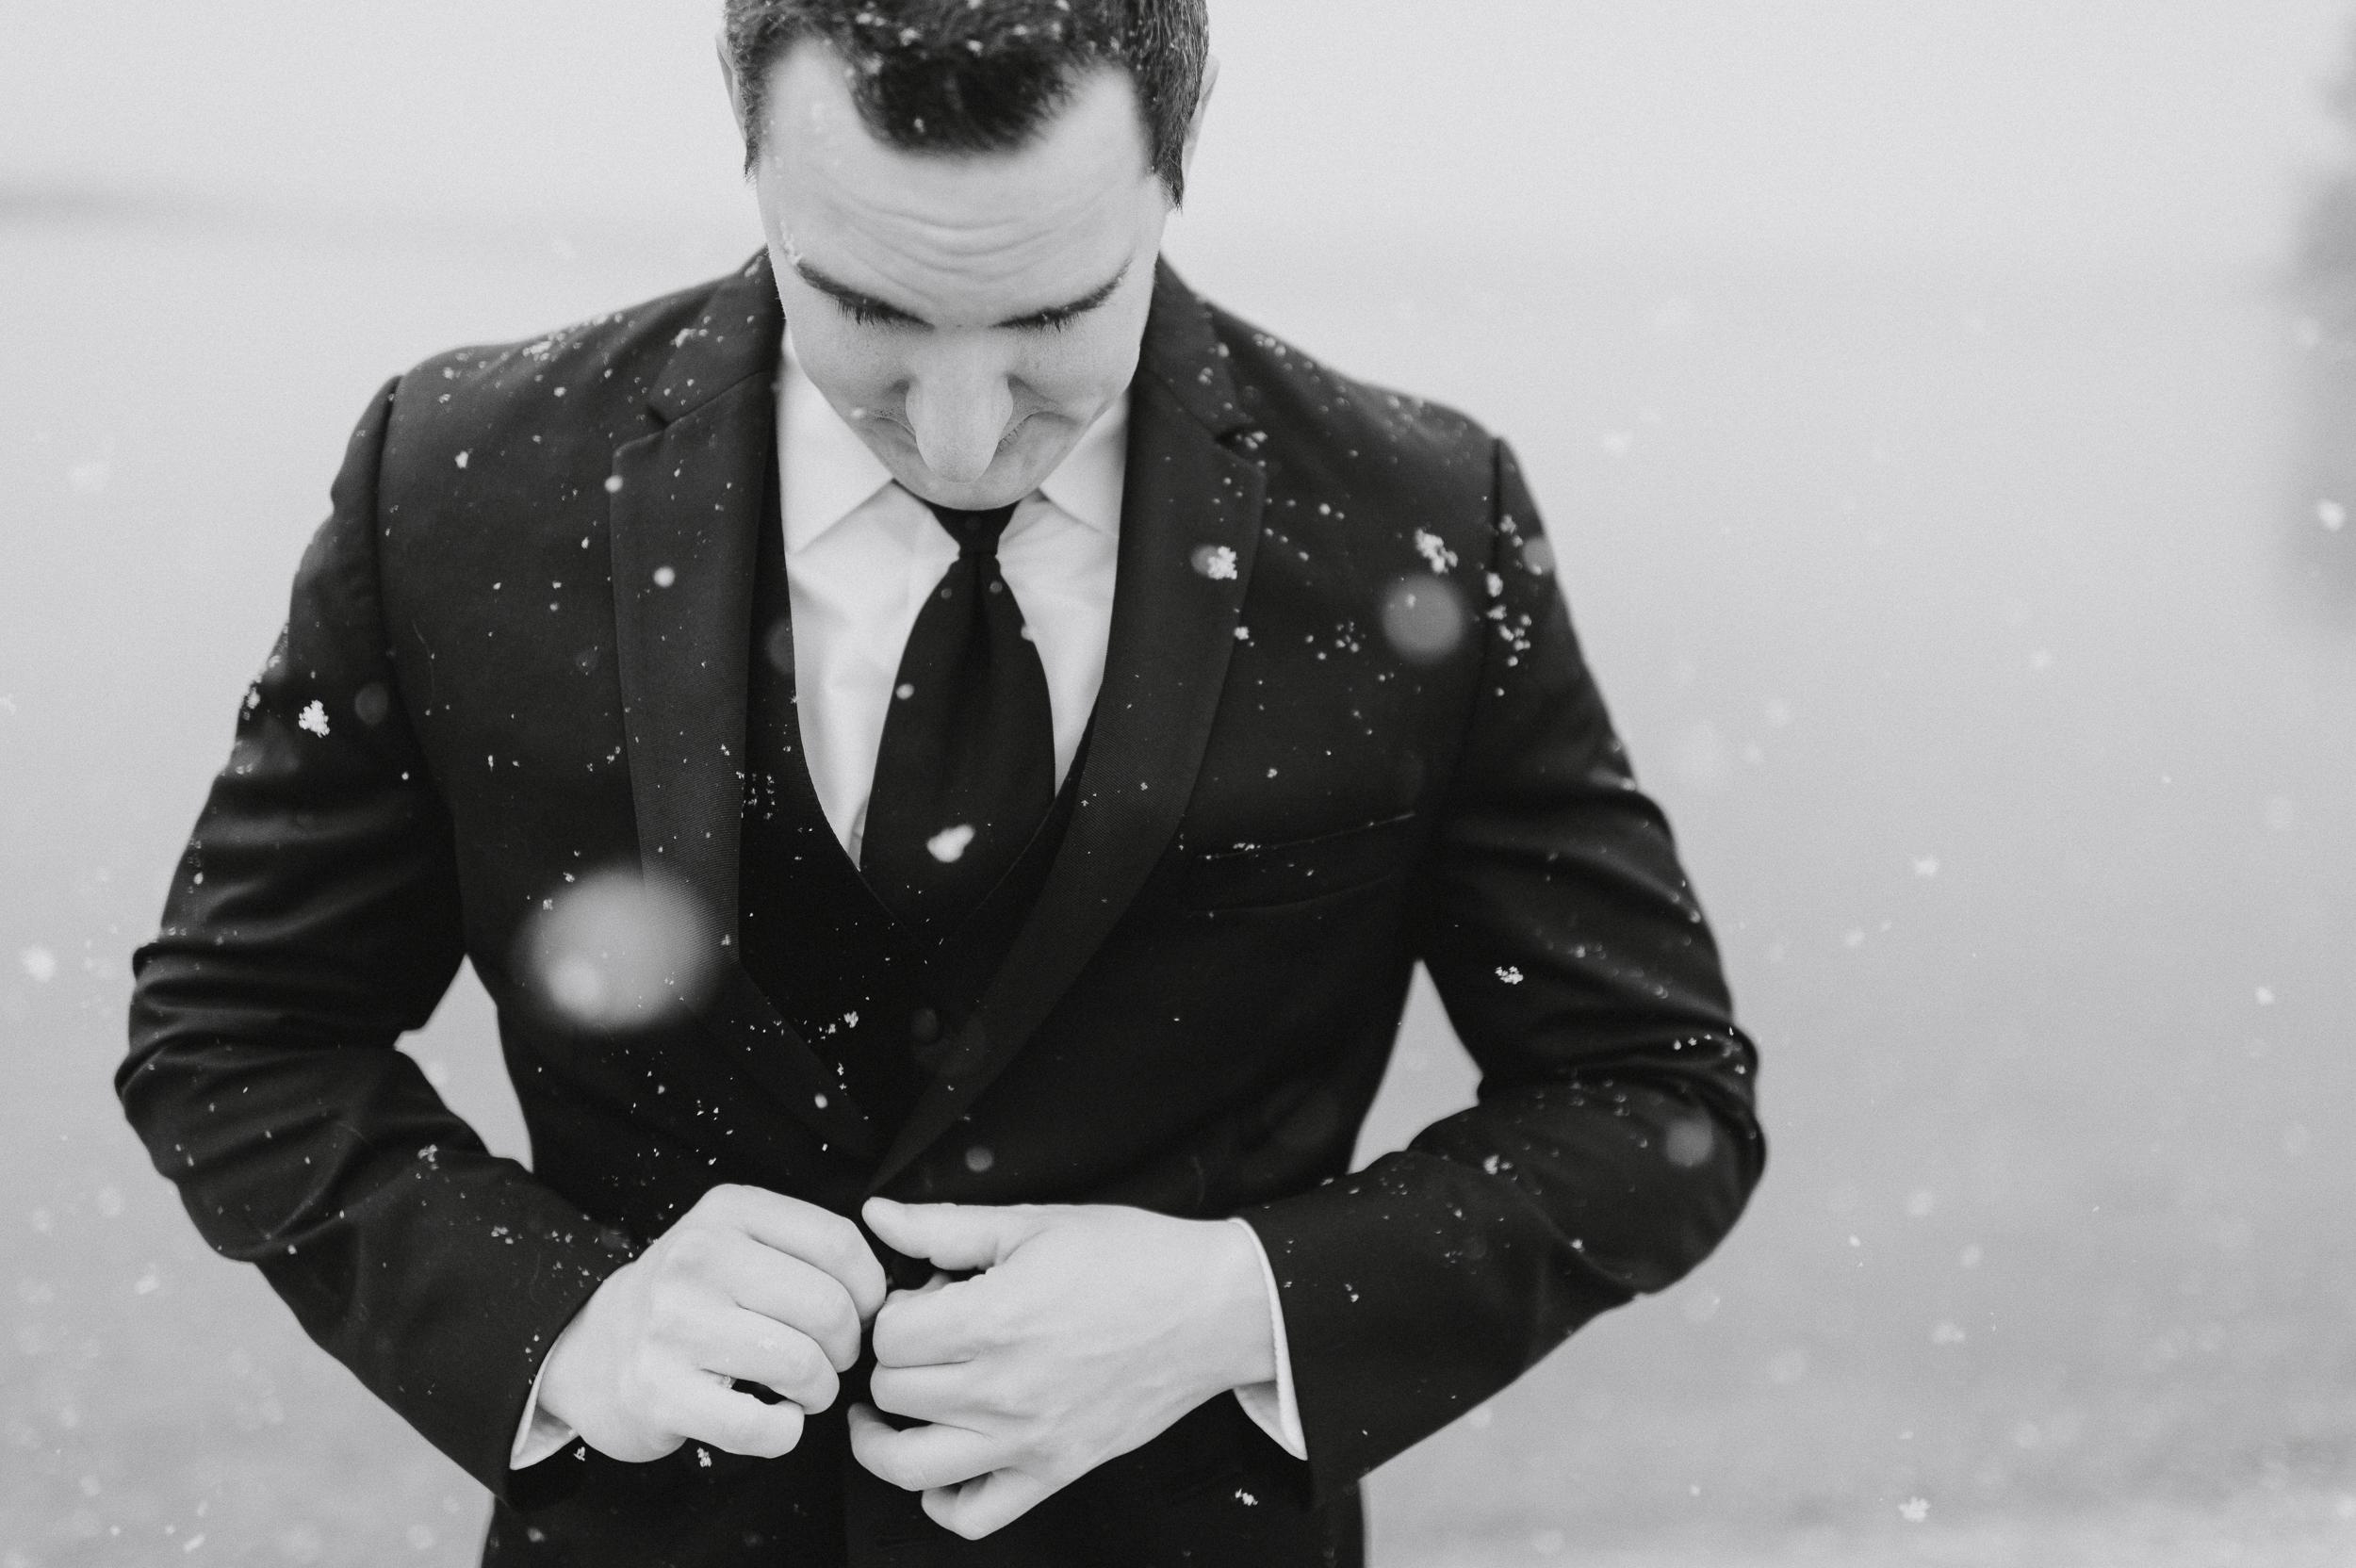 vermont-destination-wedding-photographer-33.jpg